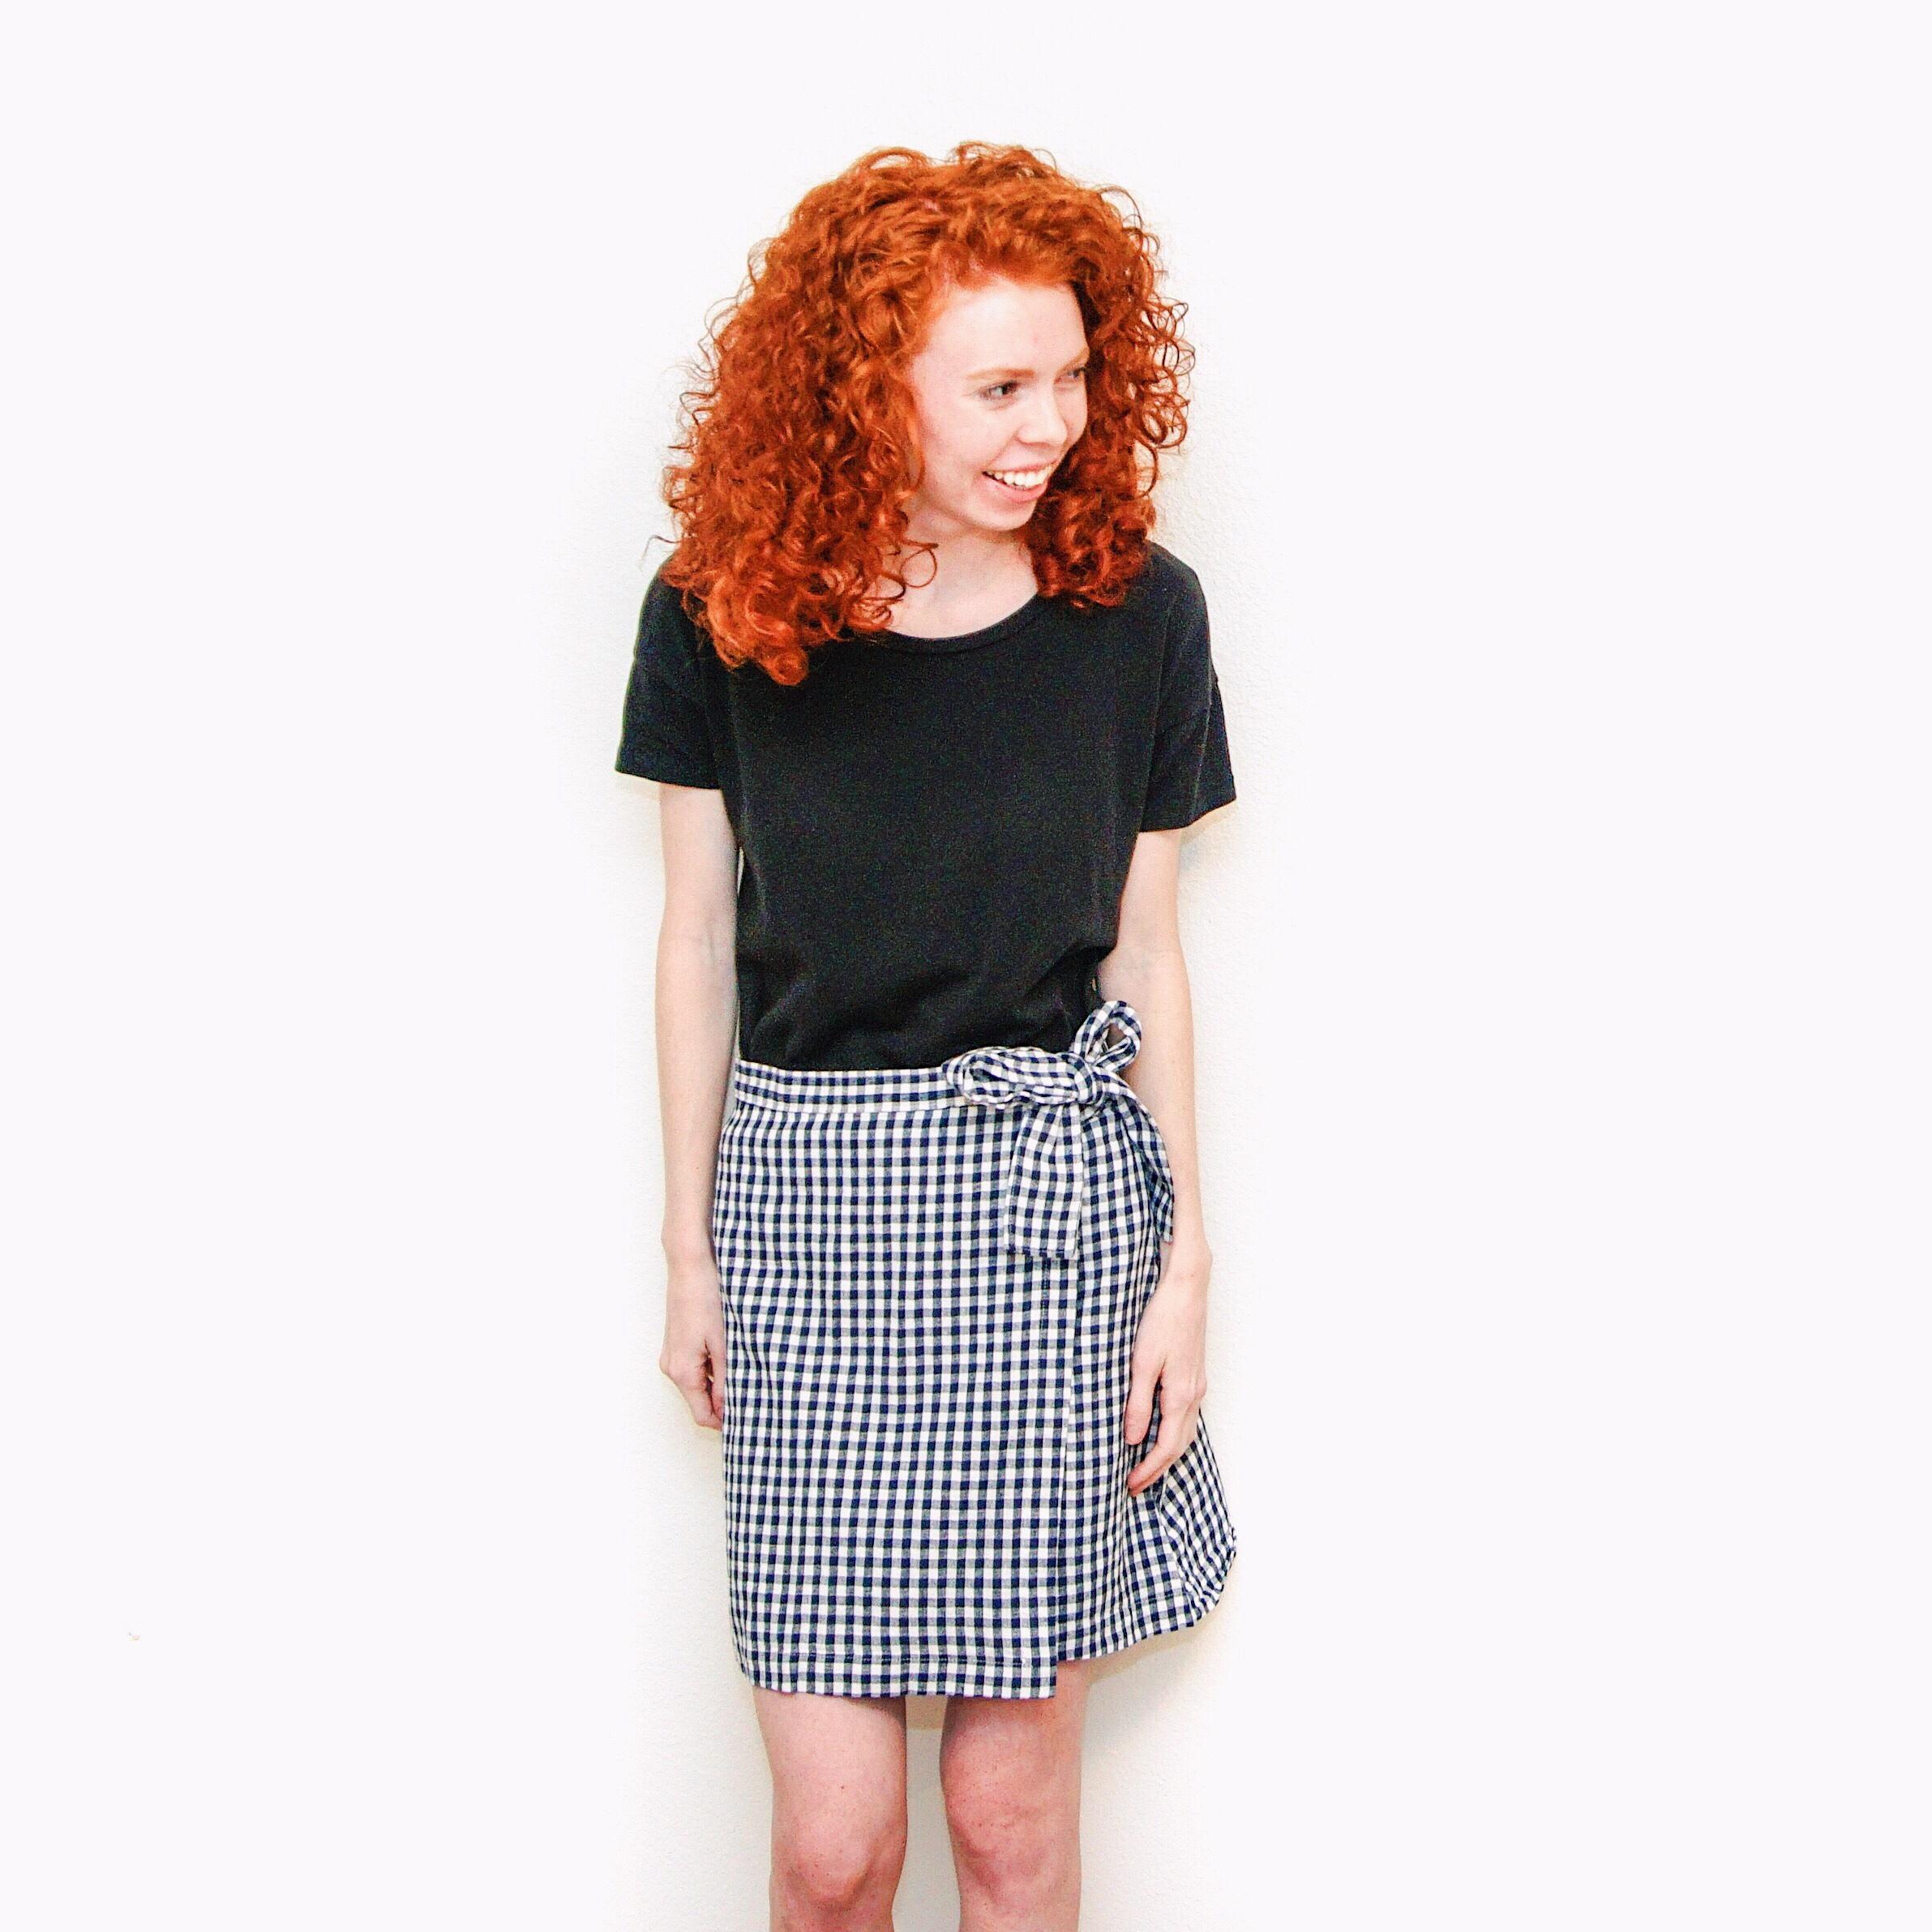 girl-in-black-shirt-and-gingham-skirt